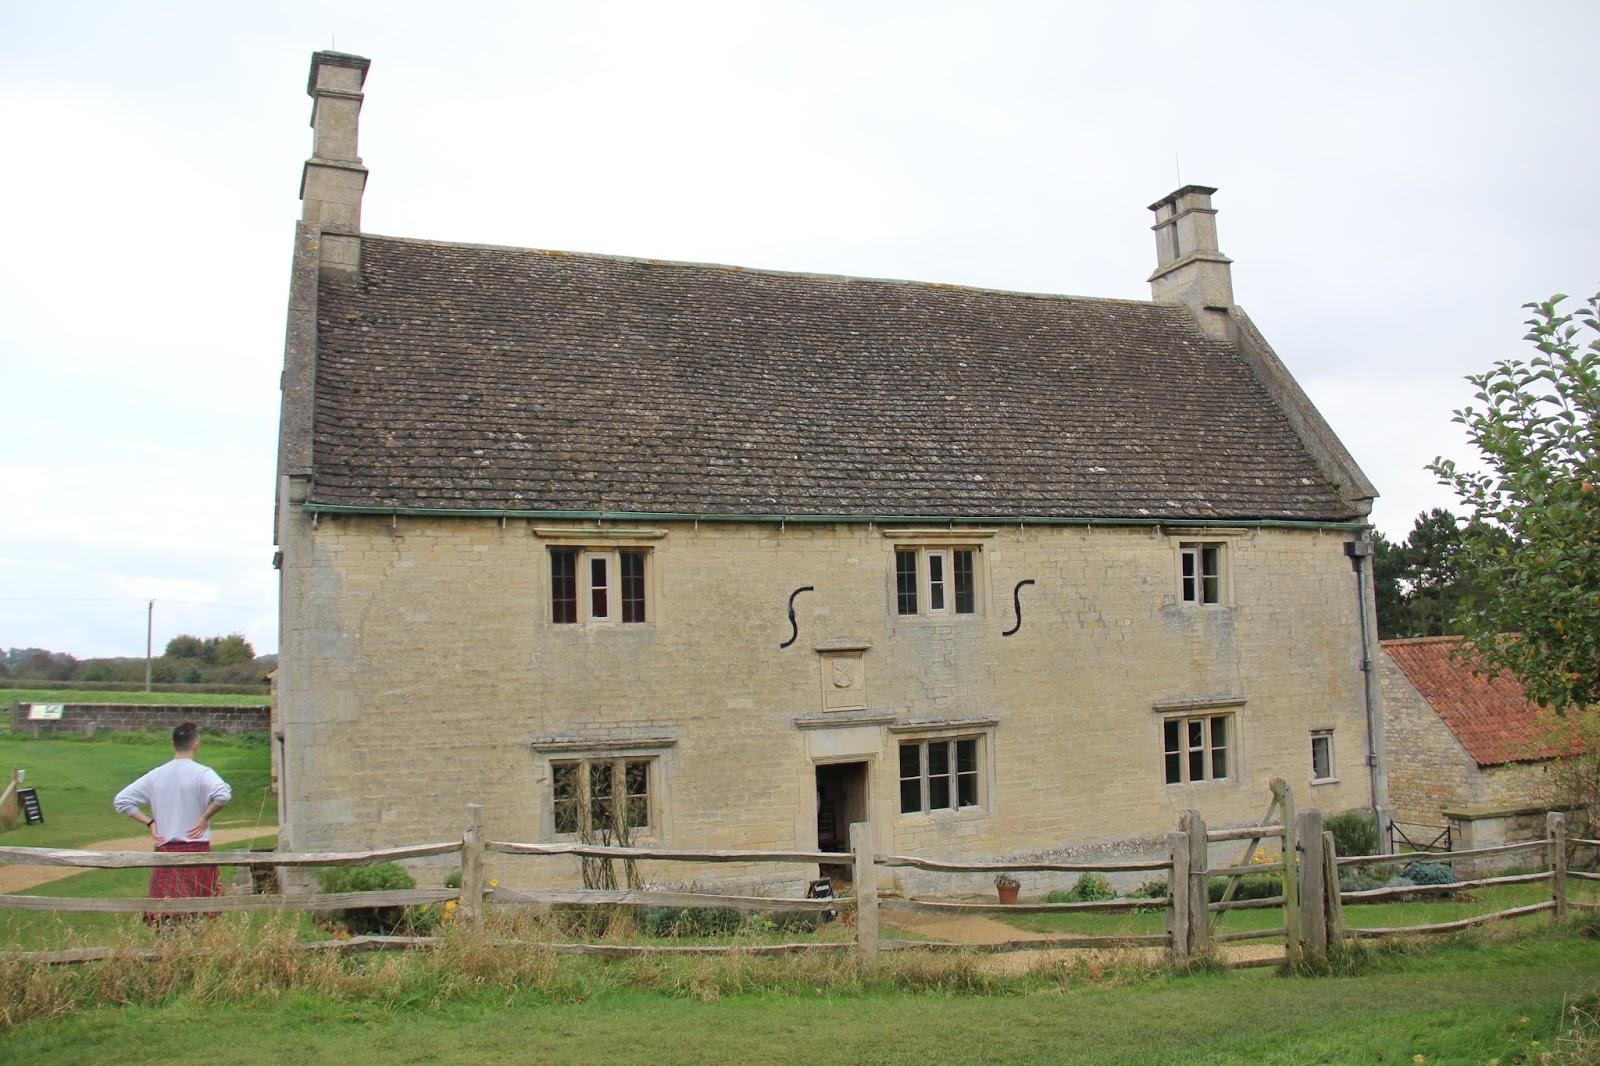 Isaac Newton's house.